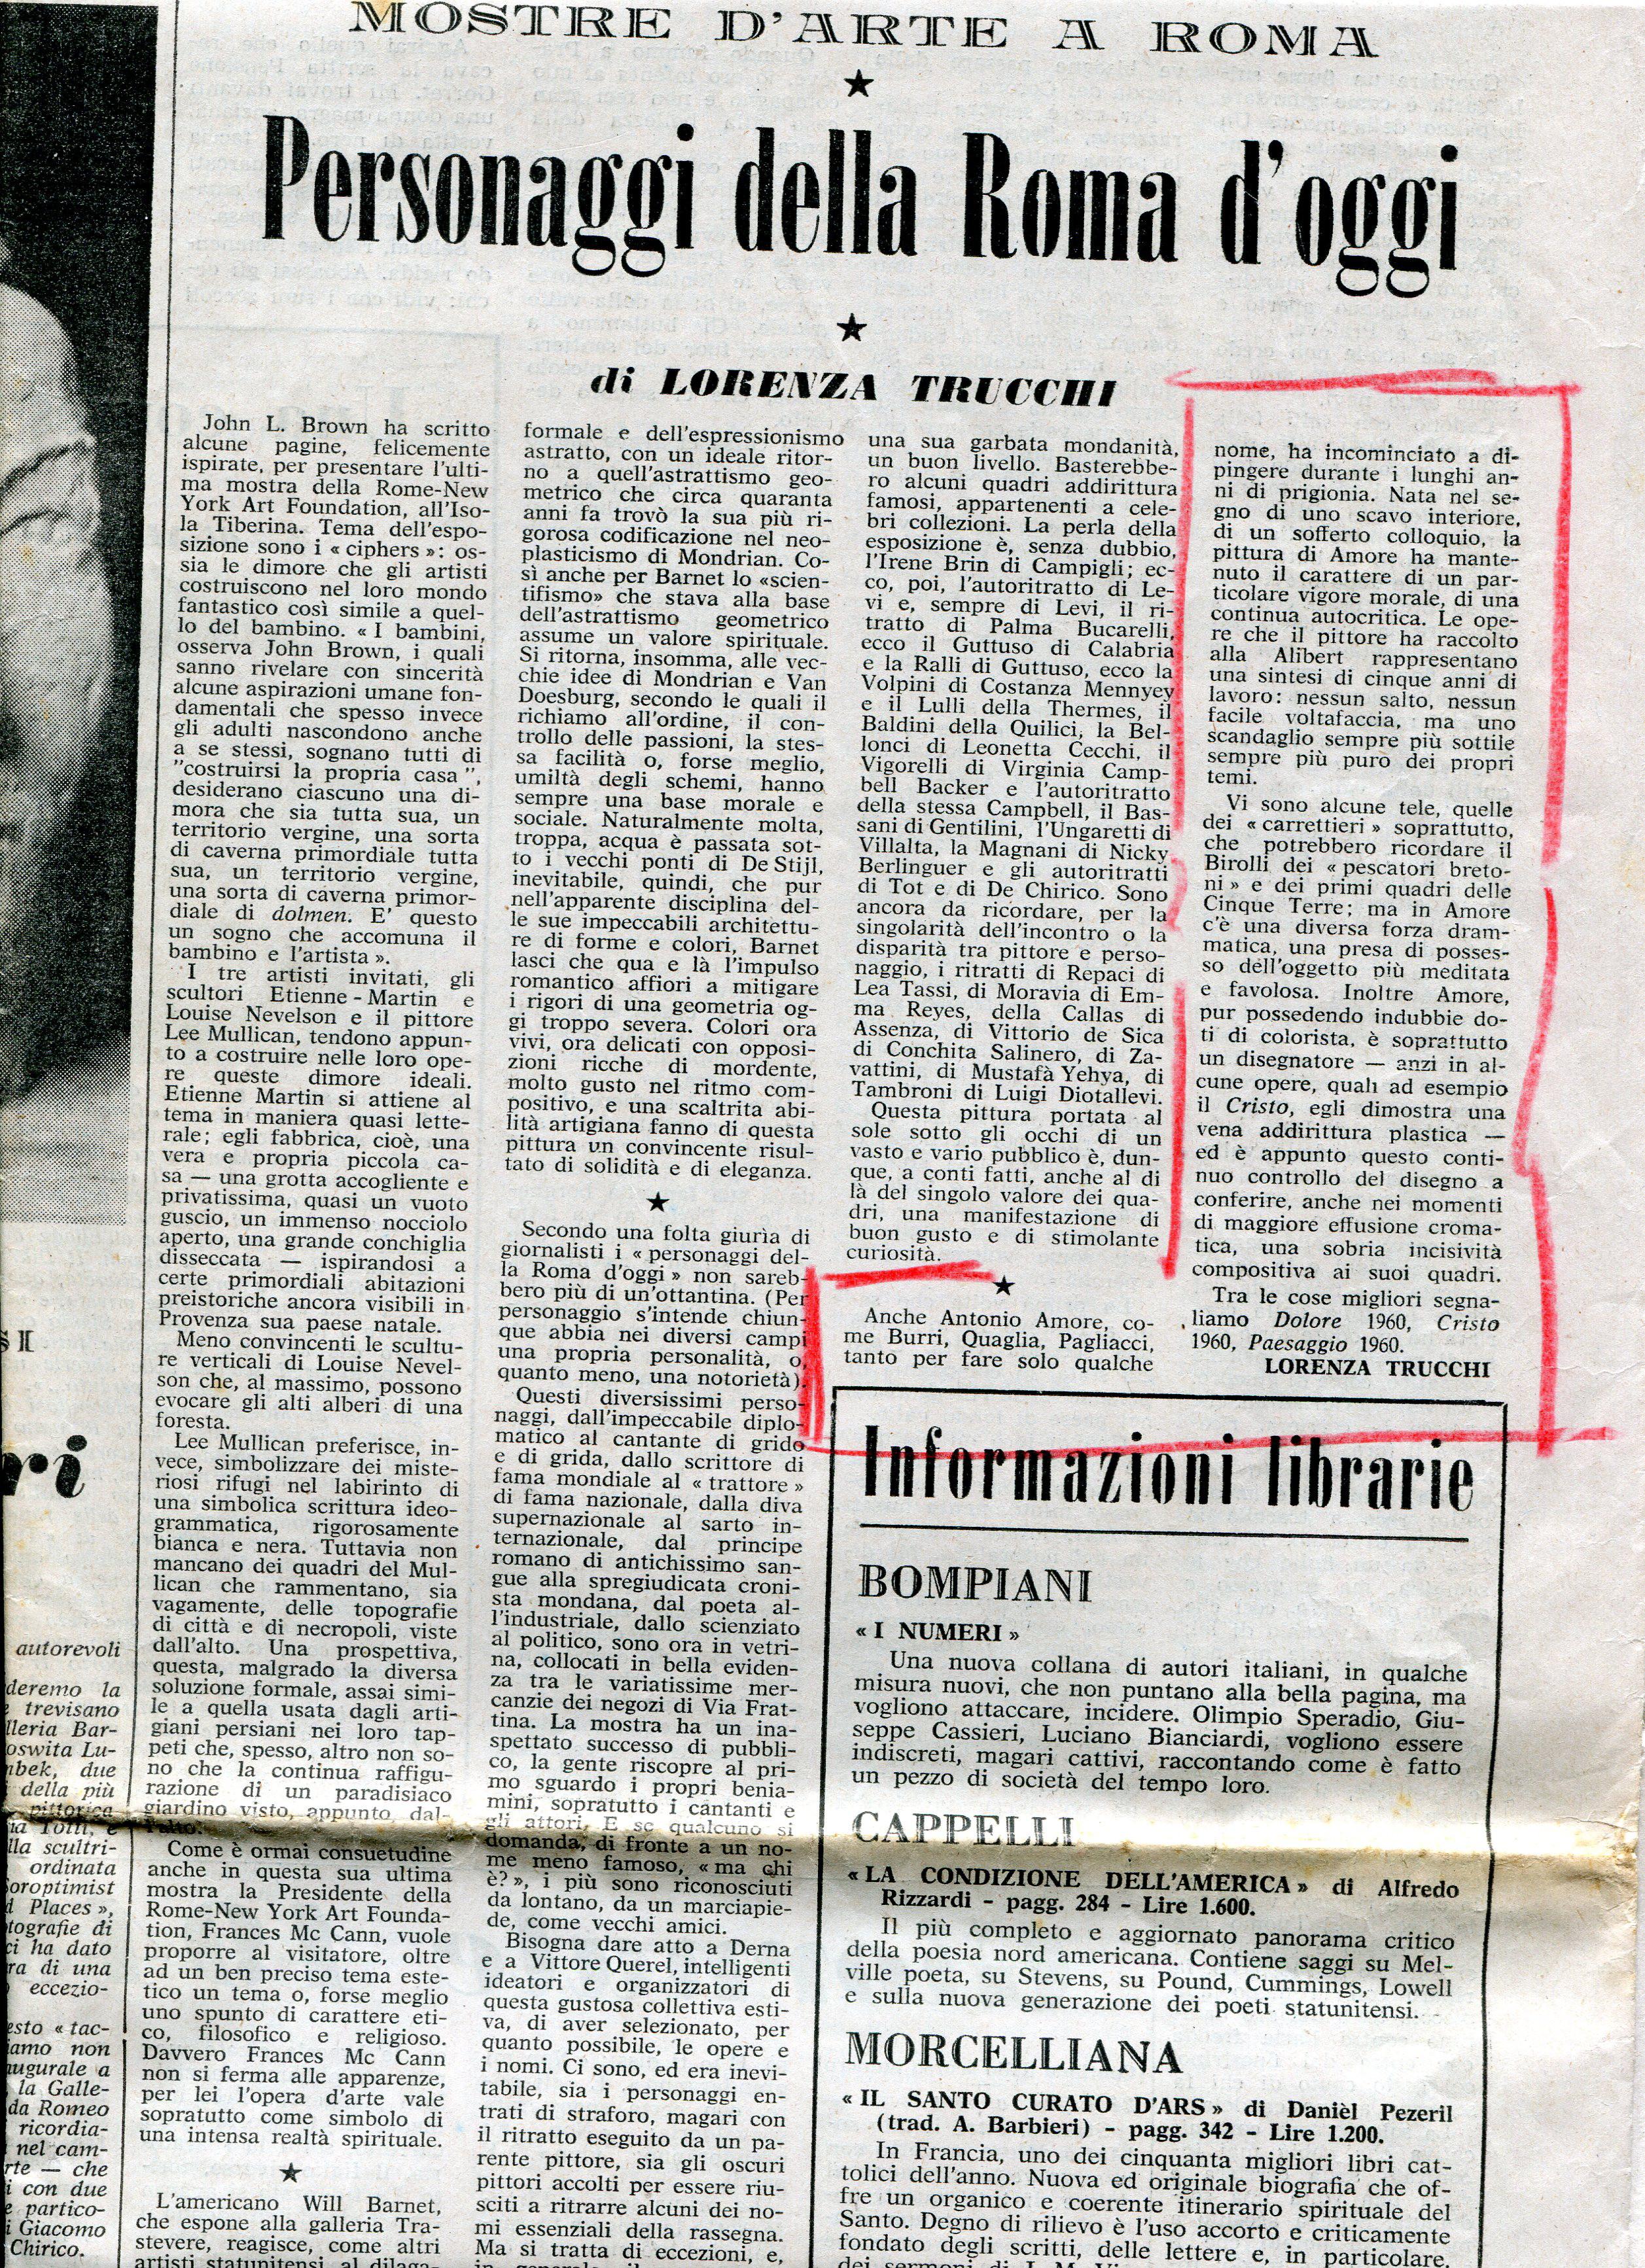 La Fiera Letteraria - 10 luglio 1960